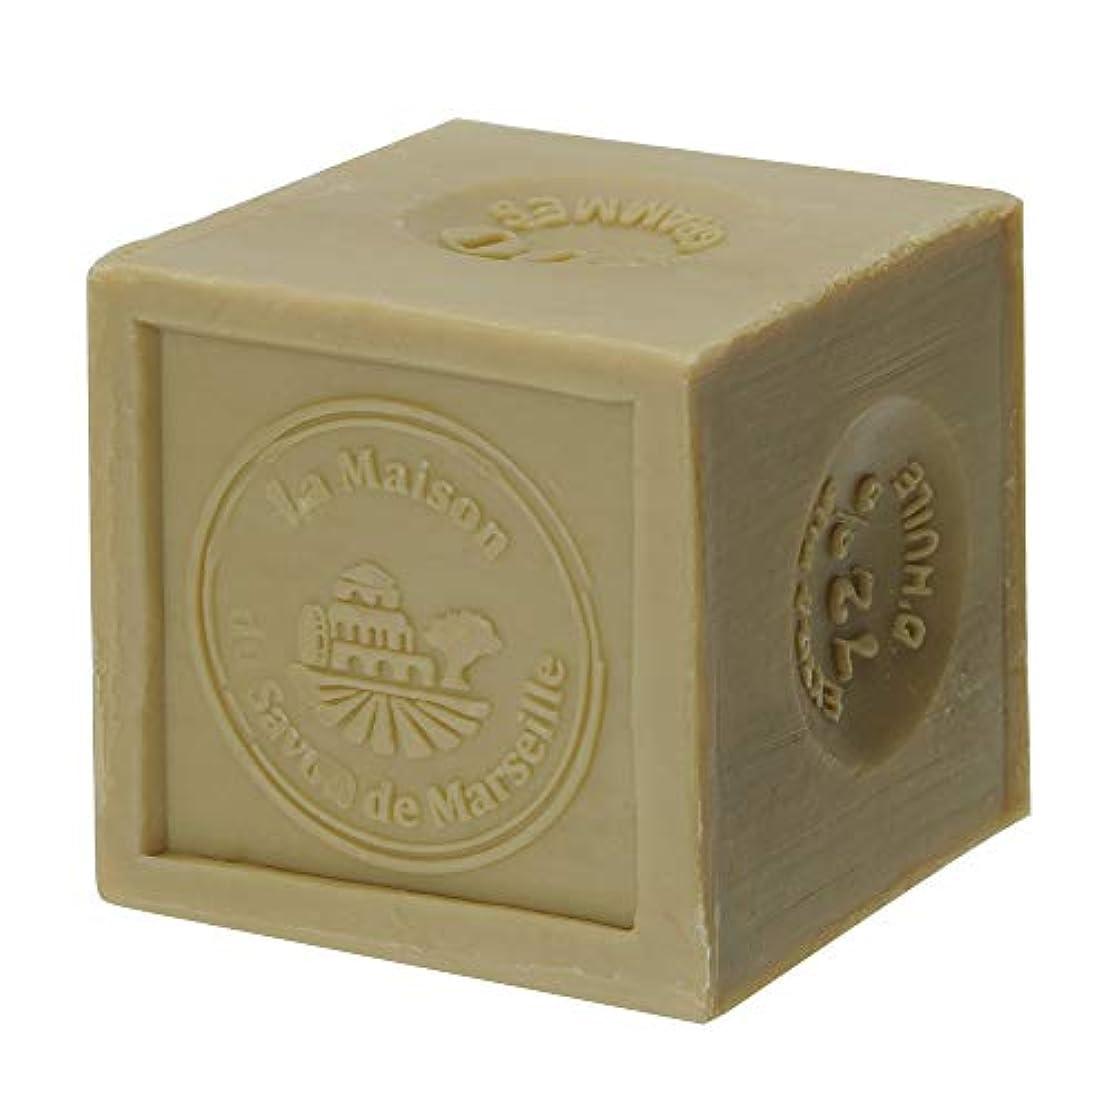 ノルコーポレーション マルセイユ石鹸 オリーブ UPSM認証マーク付き 300g MLL-3-1